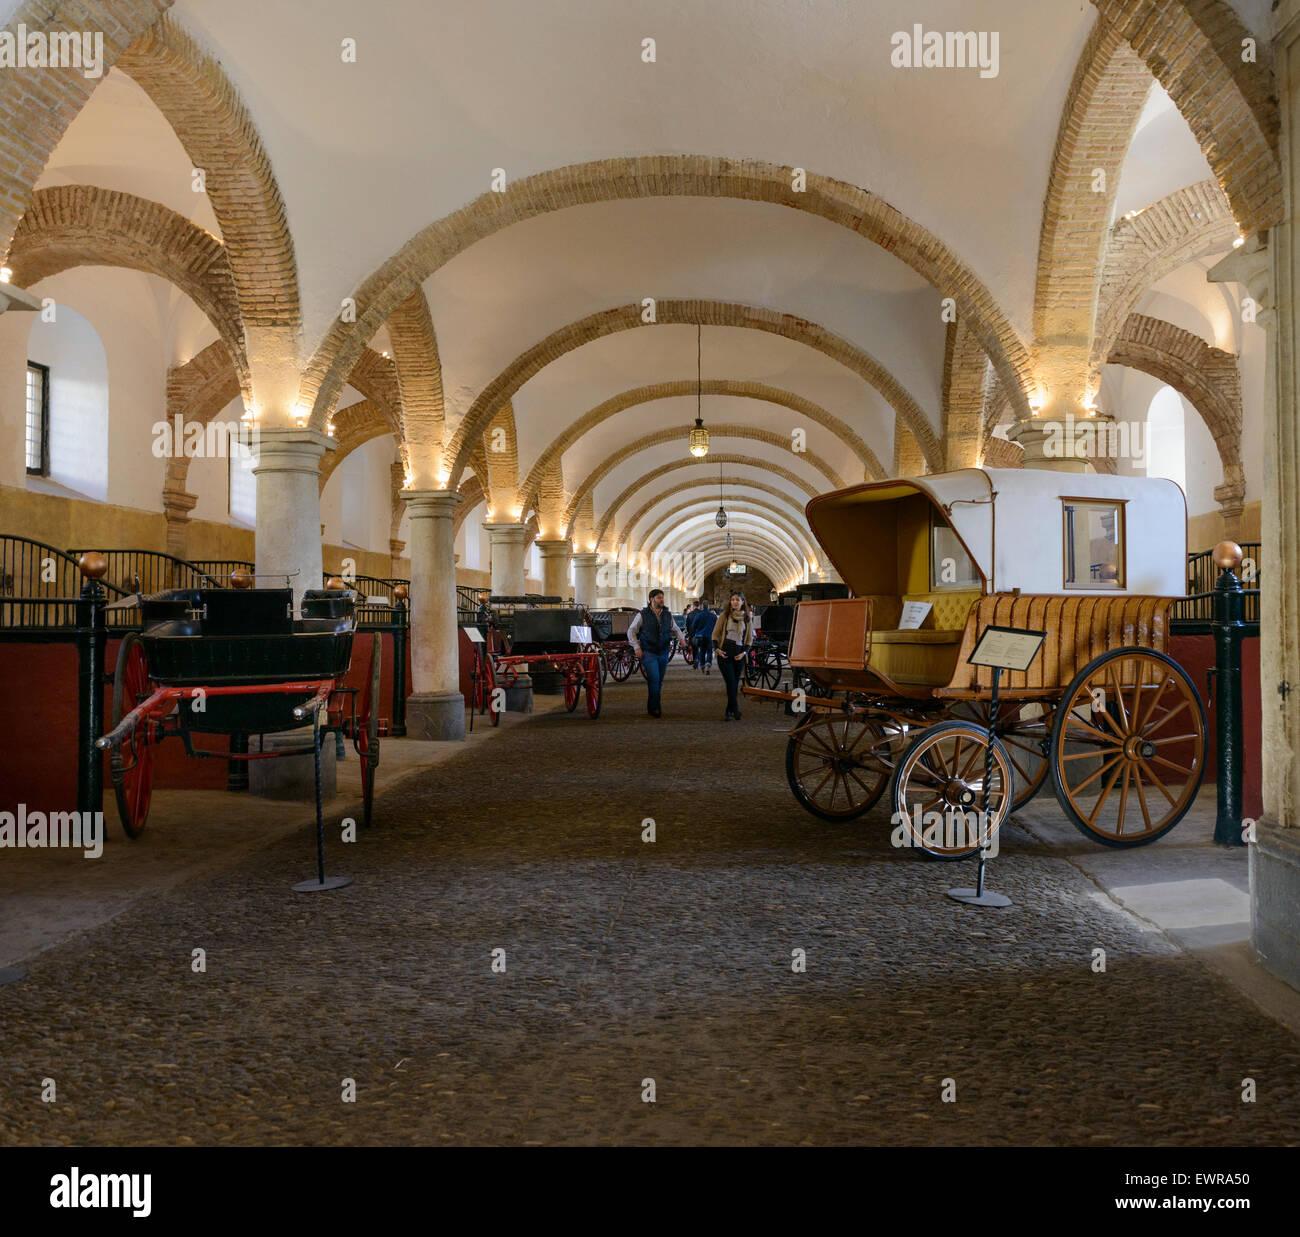 Royal stables, Cordoba, - Stock Image